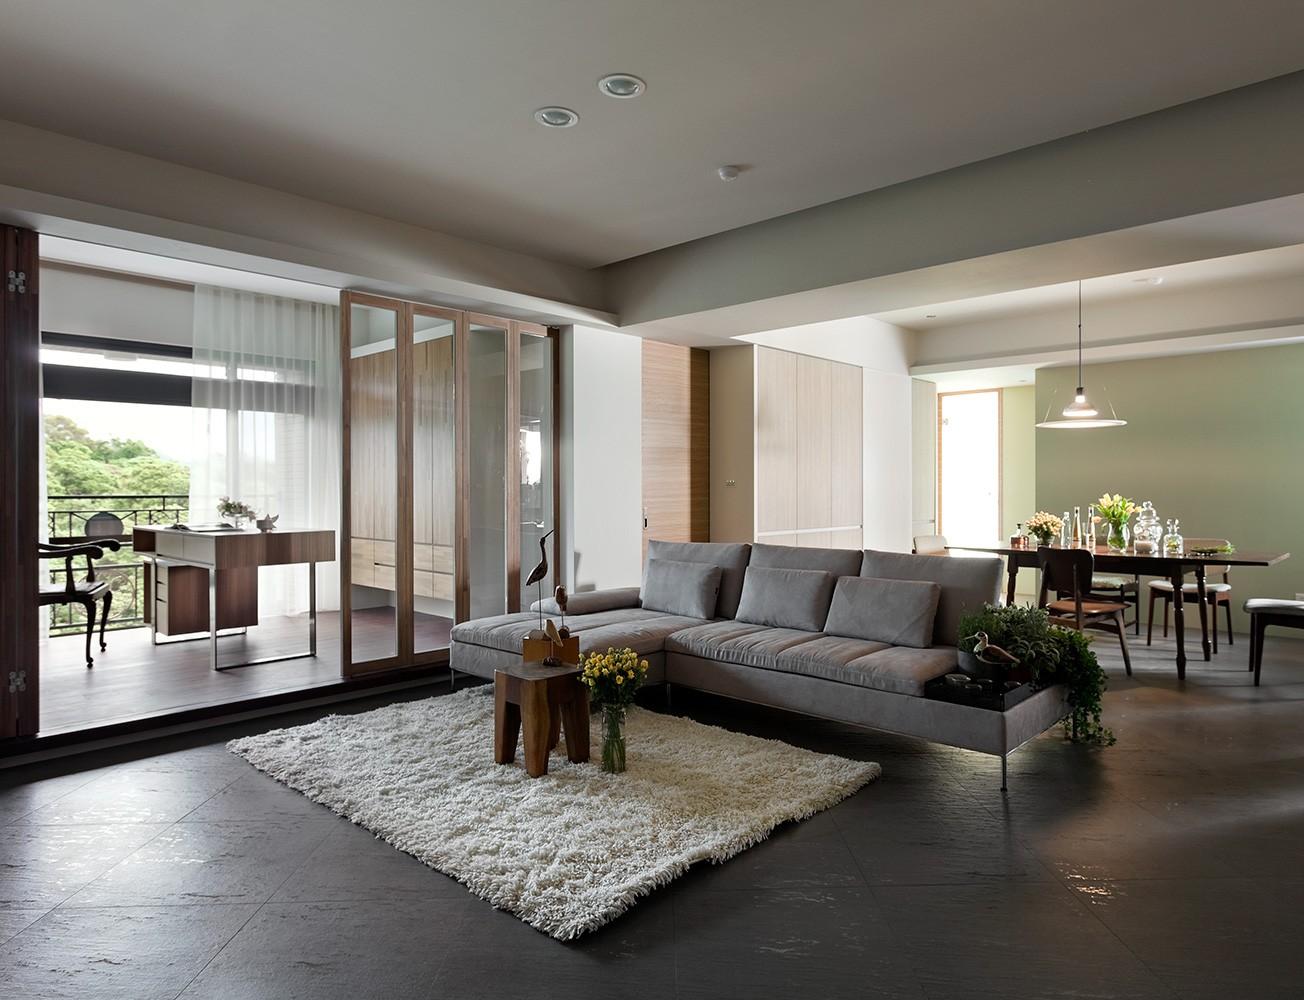 3室2卫1厅110平米简约风格